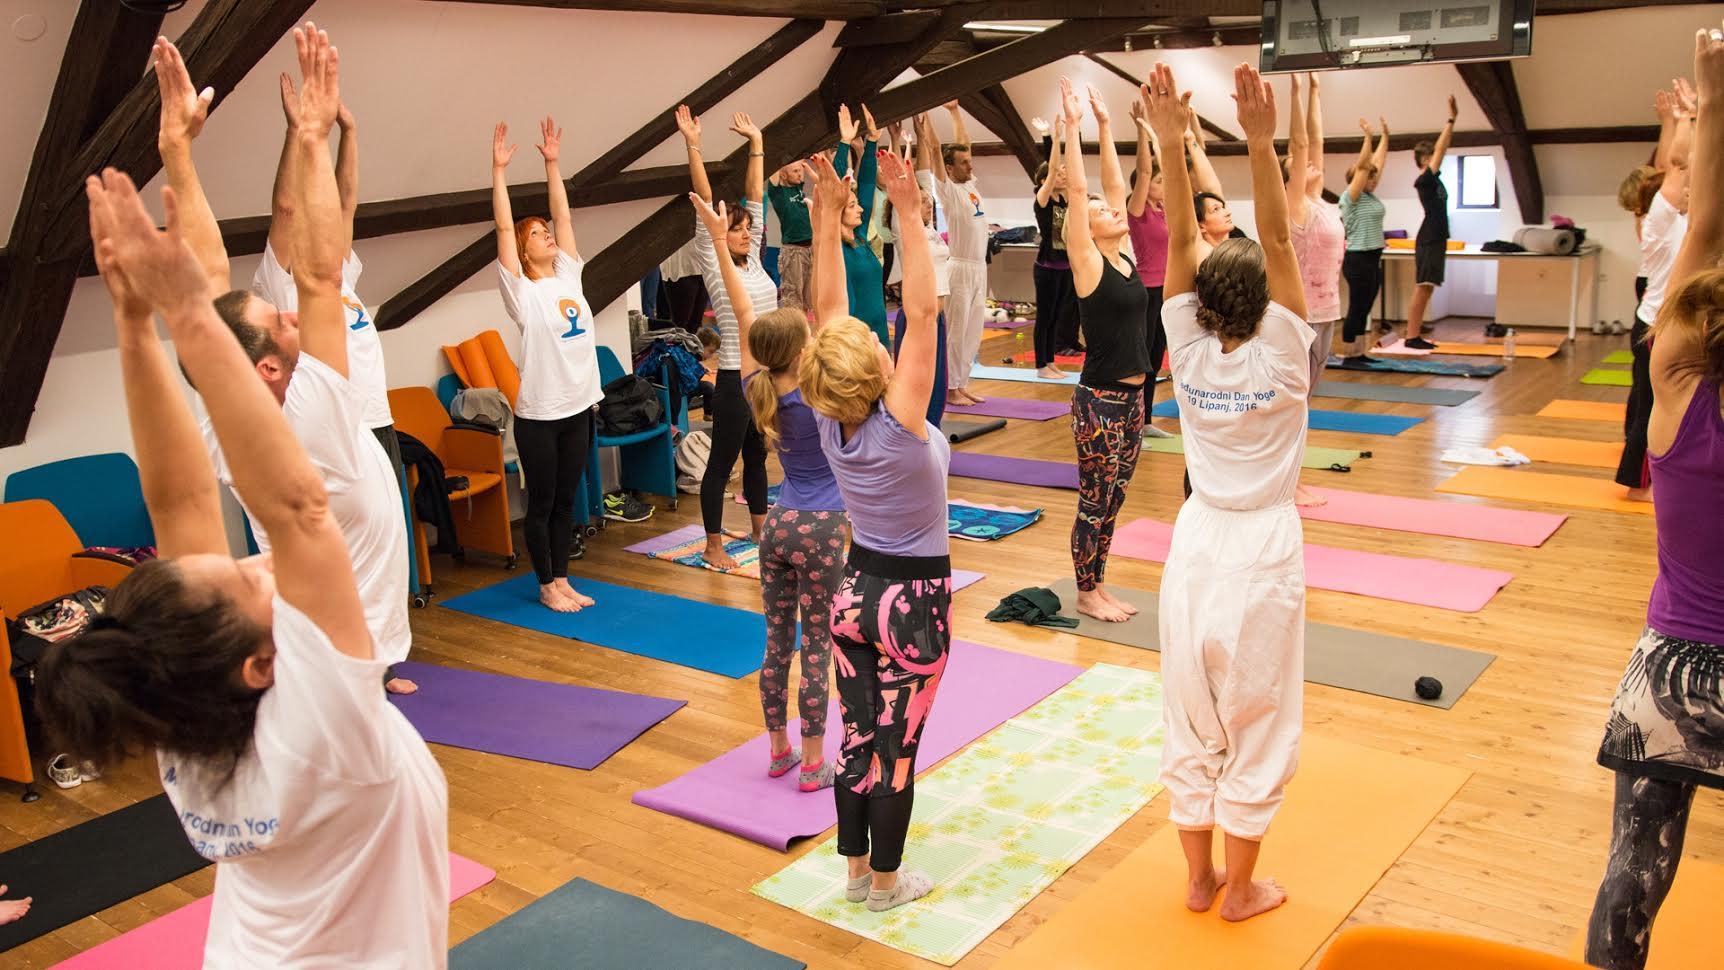 besplatna web mjesta za joga